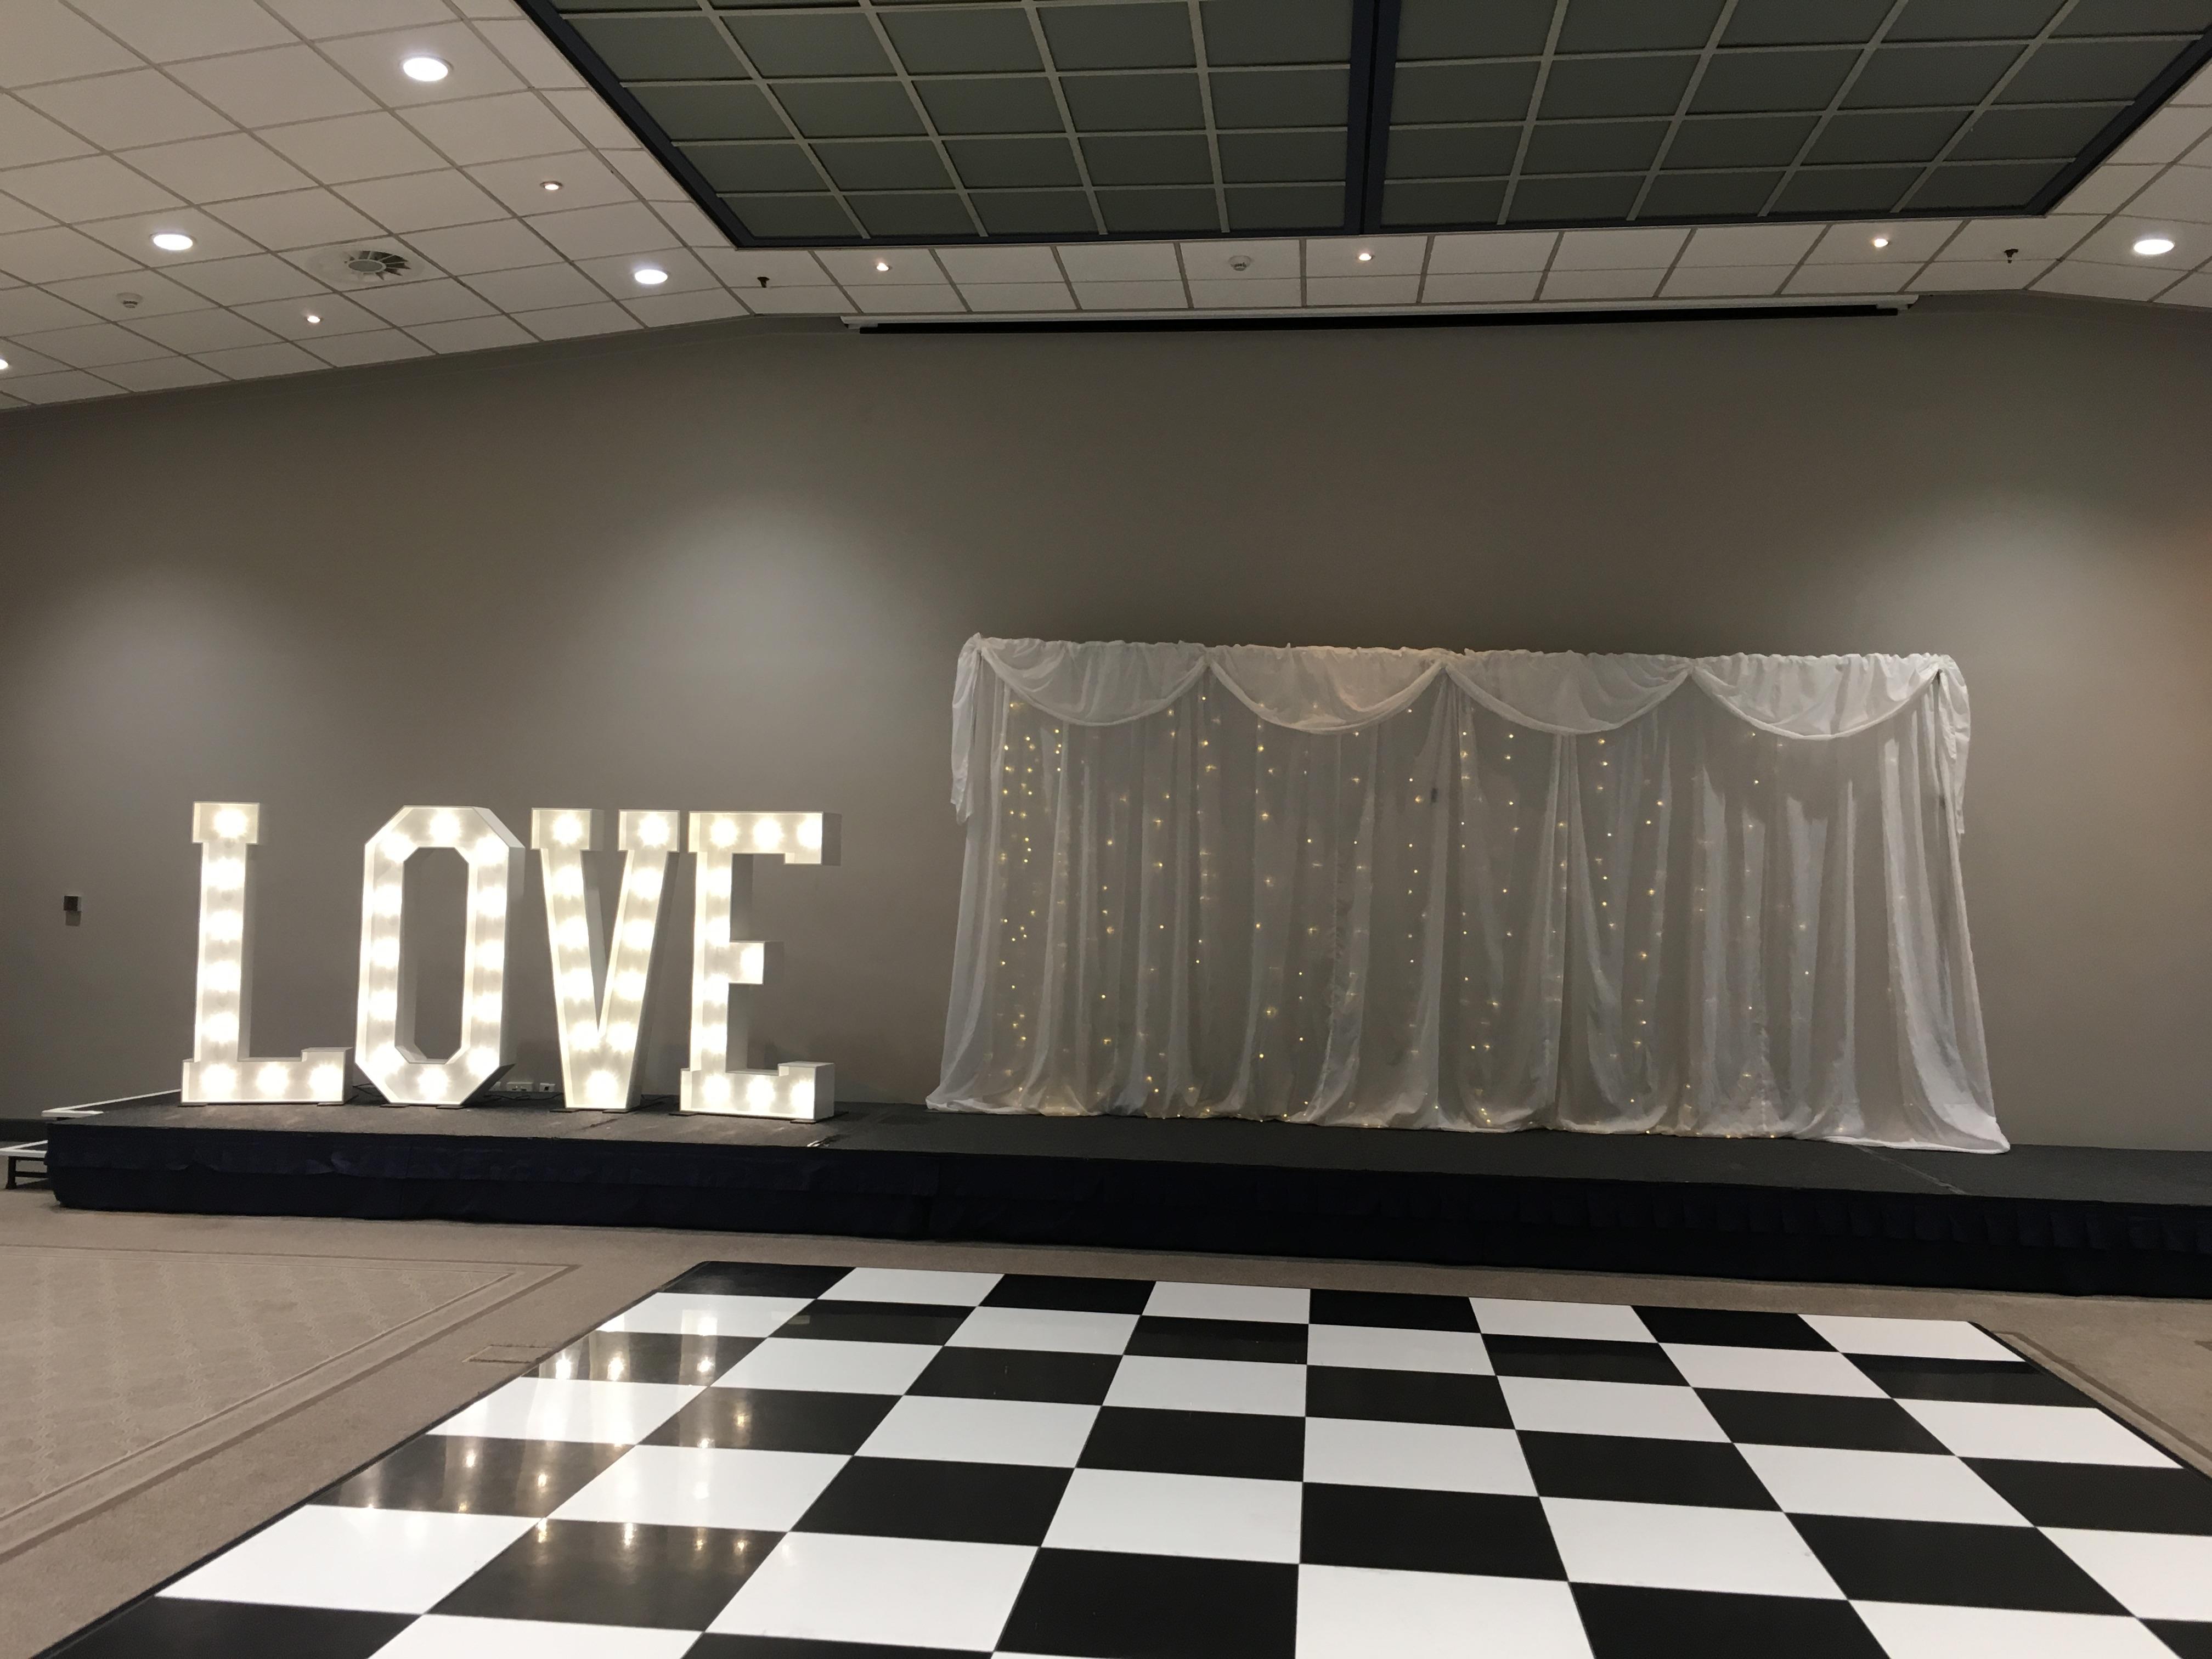 Love & Twinkle Backdrop Sophia's Final Touch - Venue Styling - Weddings